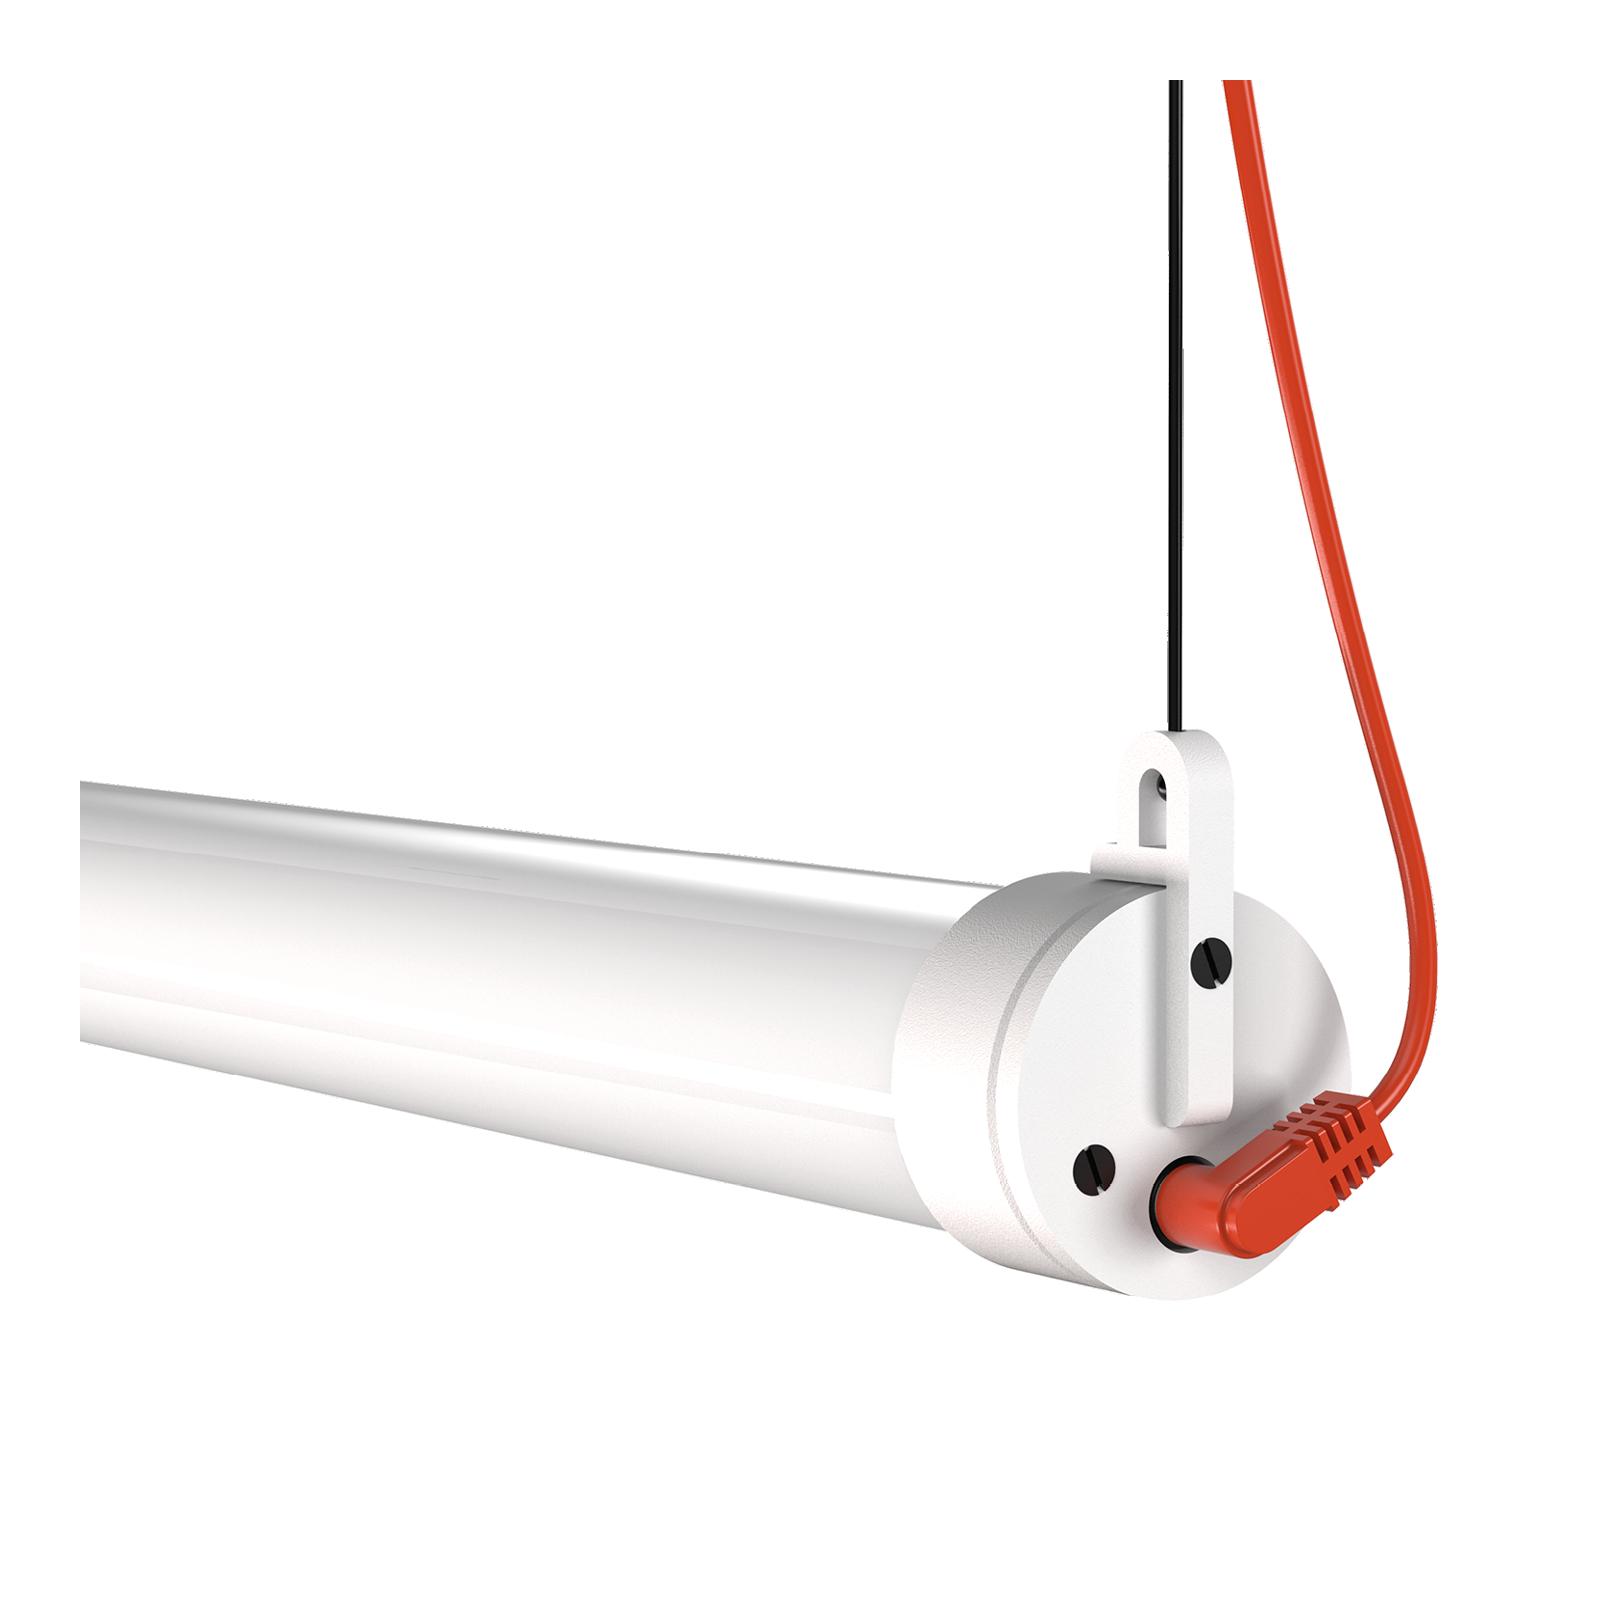 mr. tubes led pendant horizontal driver separate